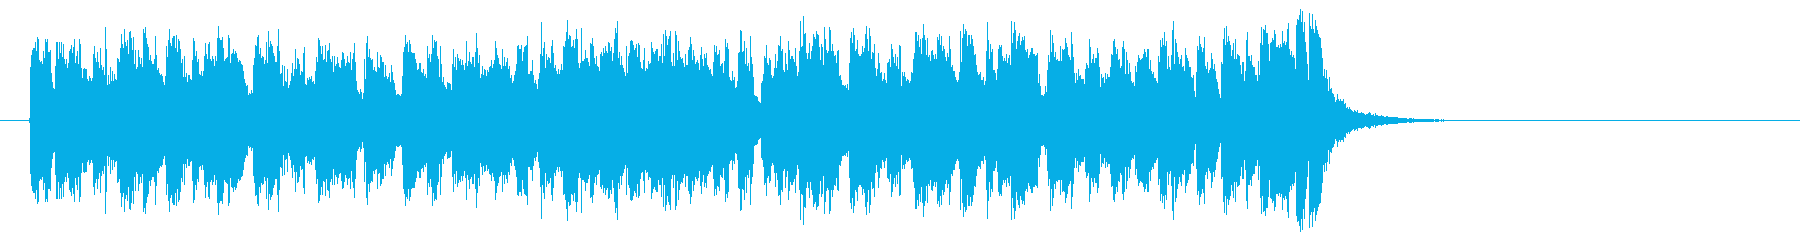 ラテン系フュージョン(サビ)の再生済みの波形